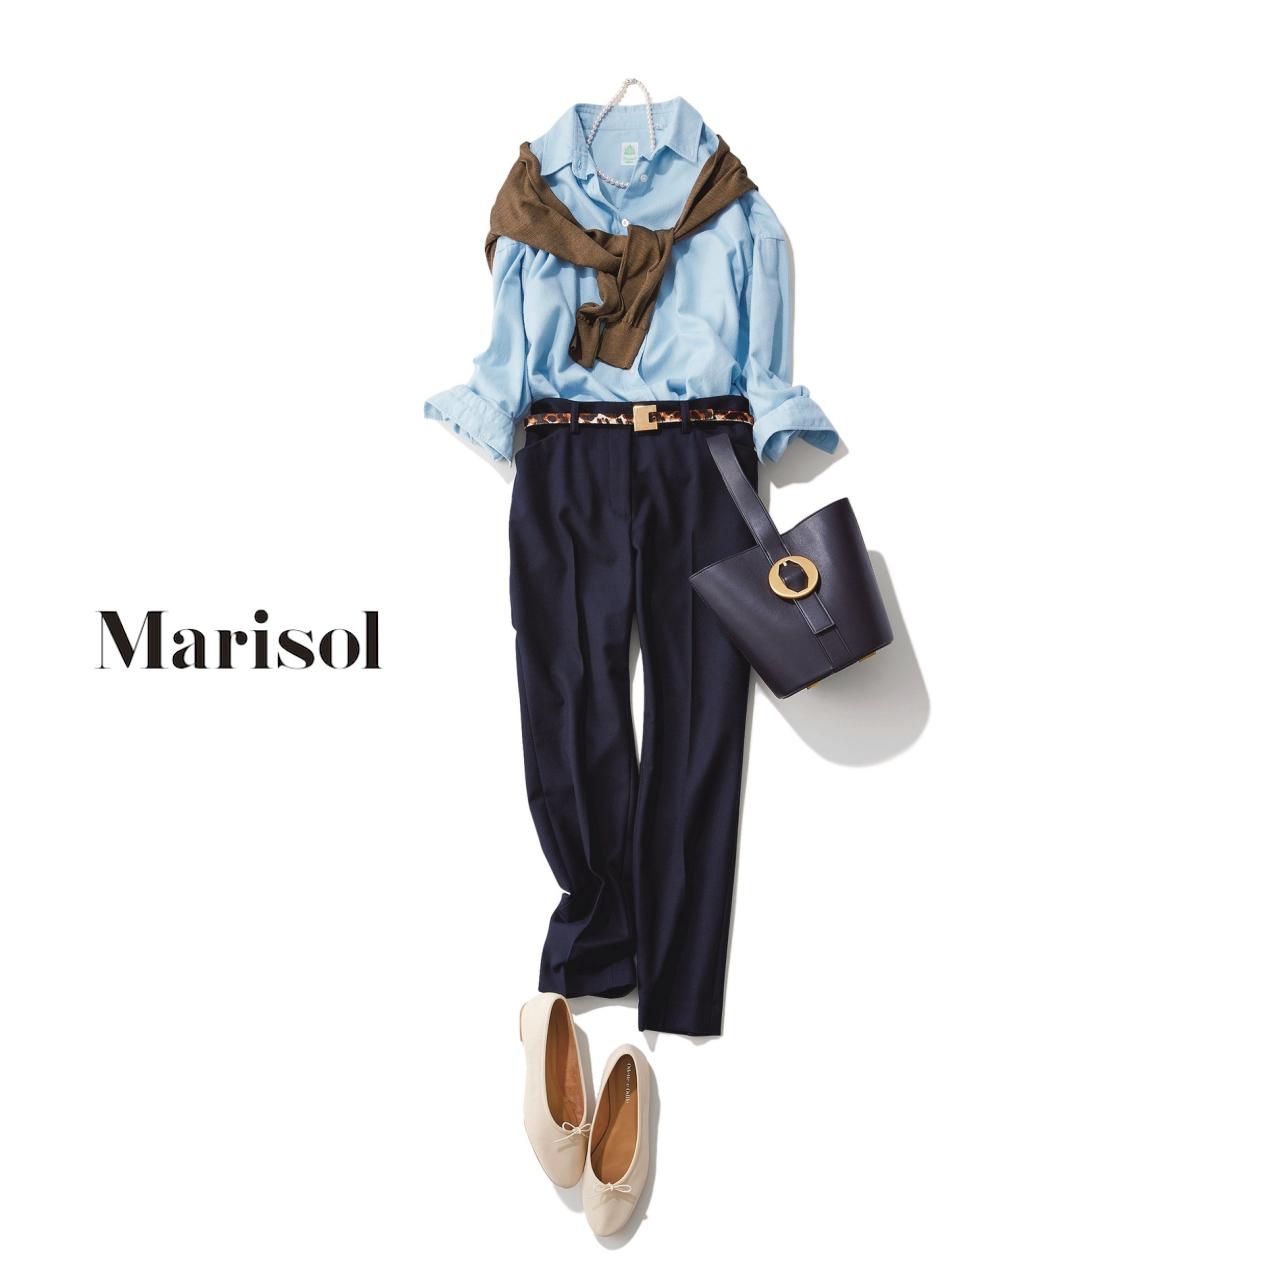 d6e7b7a8387552 働くアラフォーの定番「シャツ」のファッションコーデ実例15選 (Marisol ...